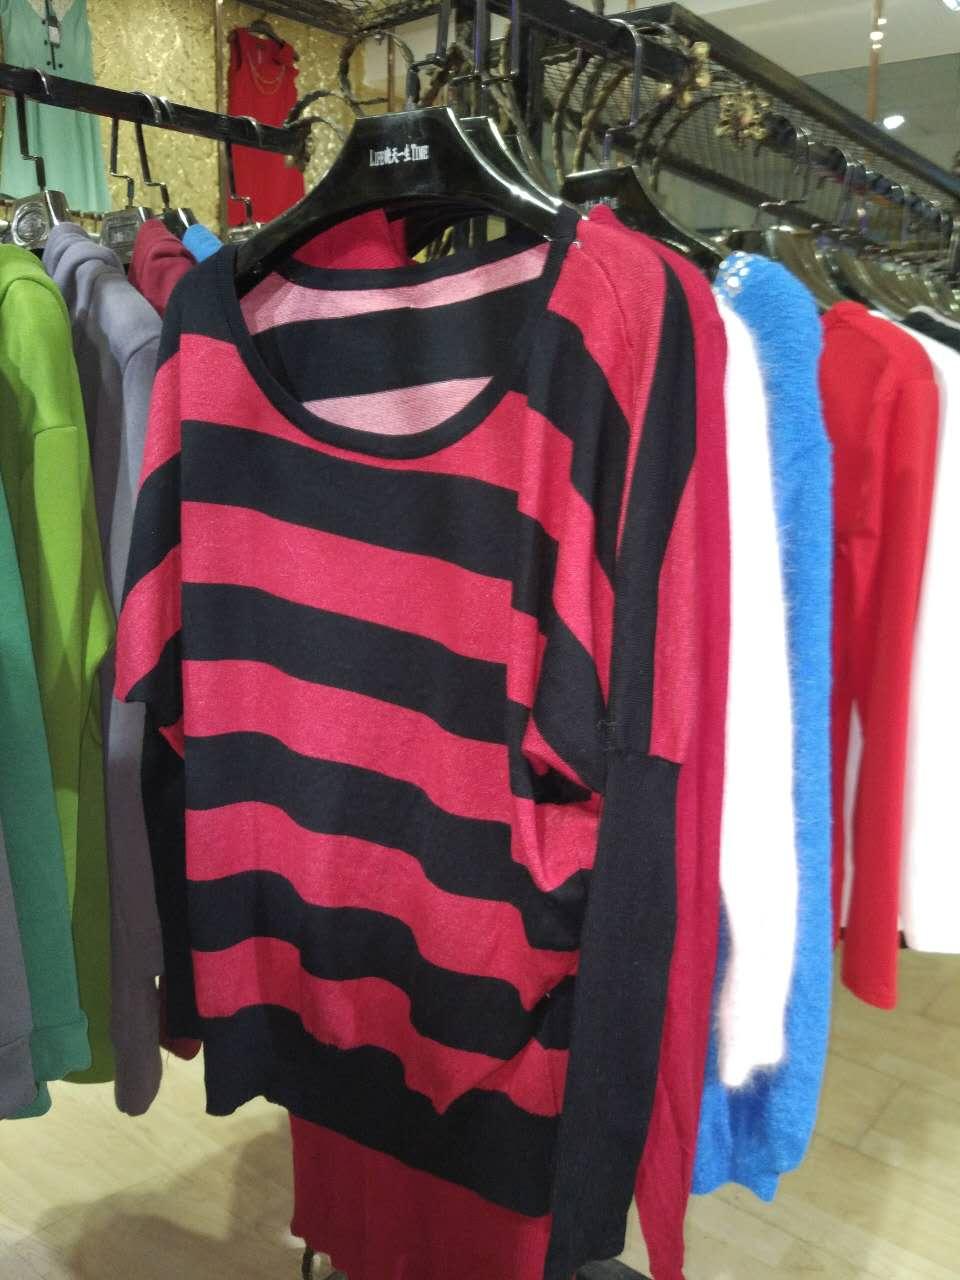 女装毛衣批发厂家直销特惠价4.8元